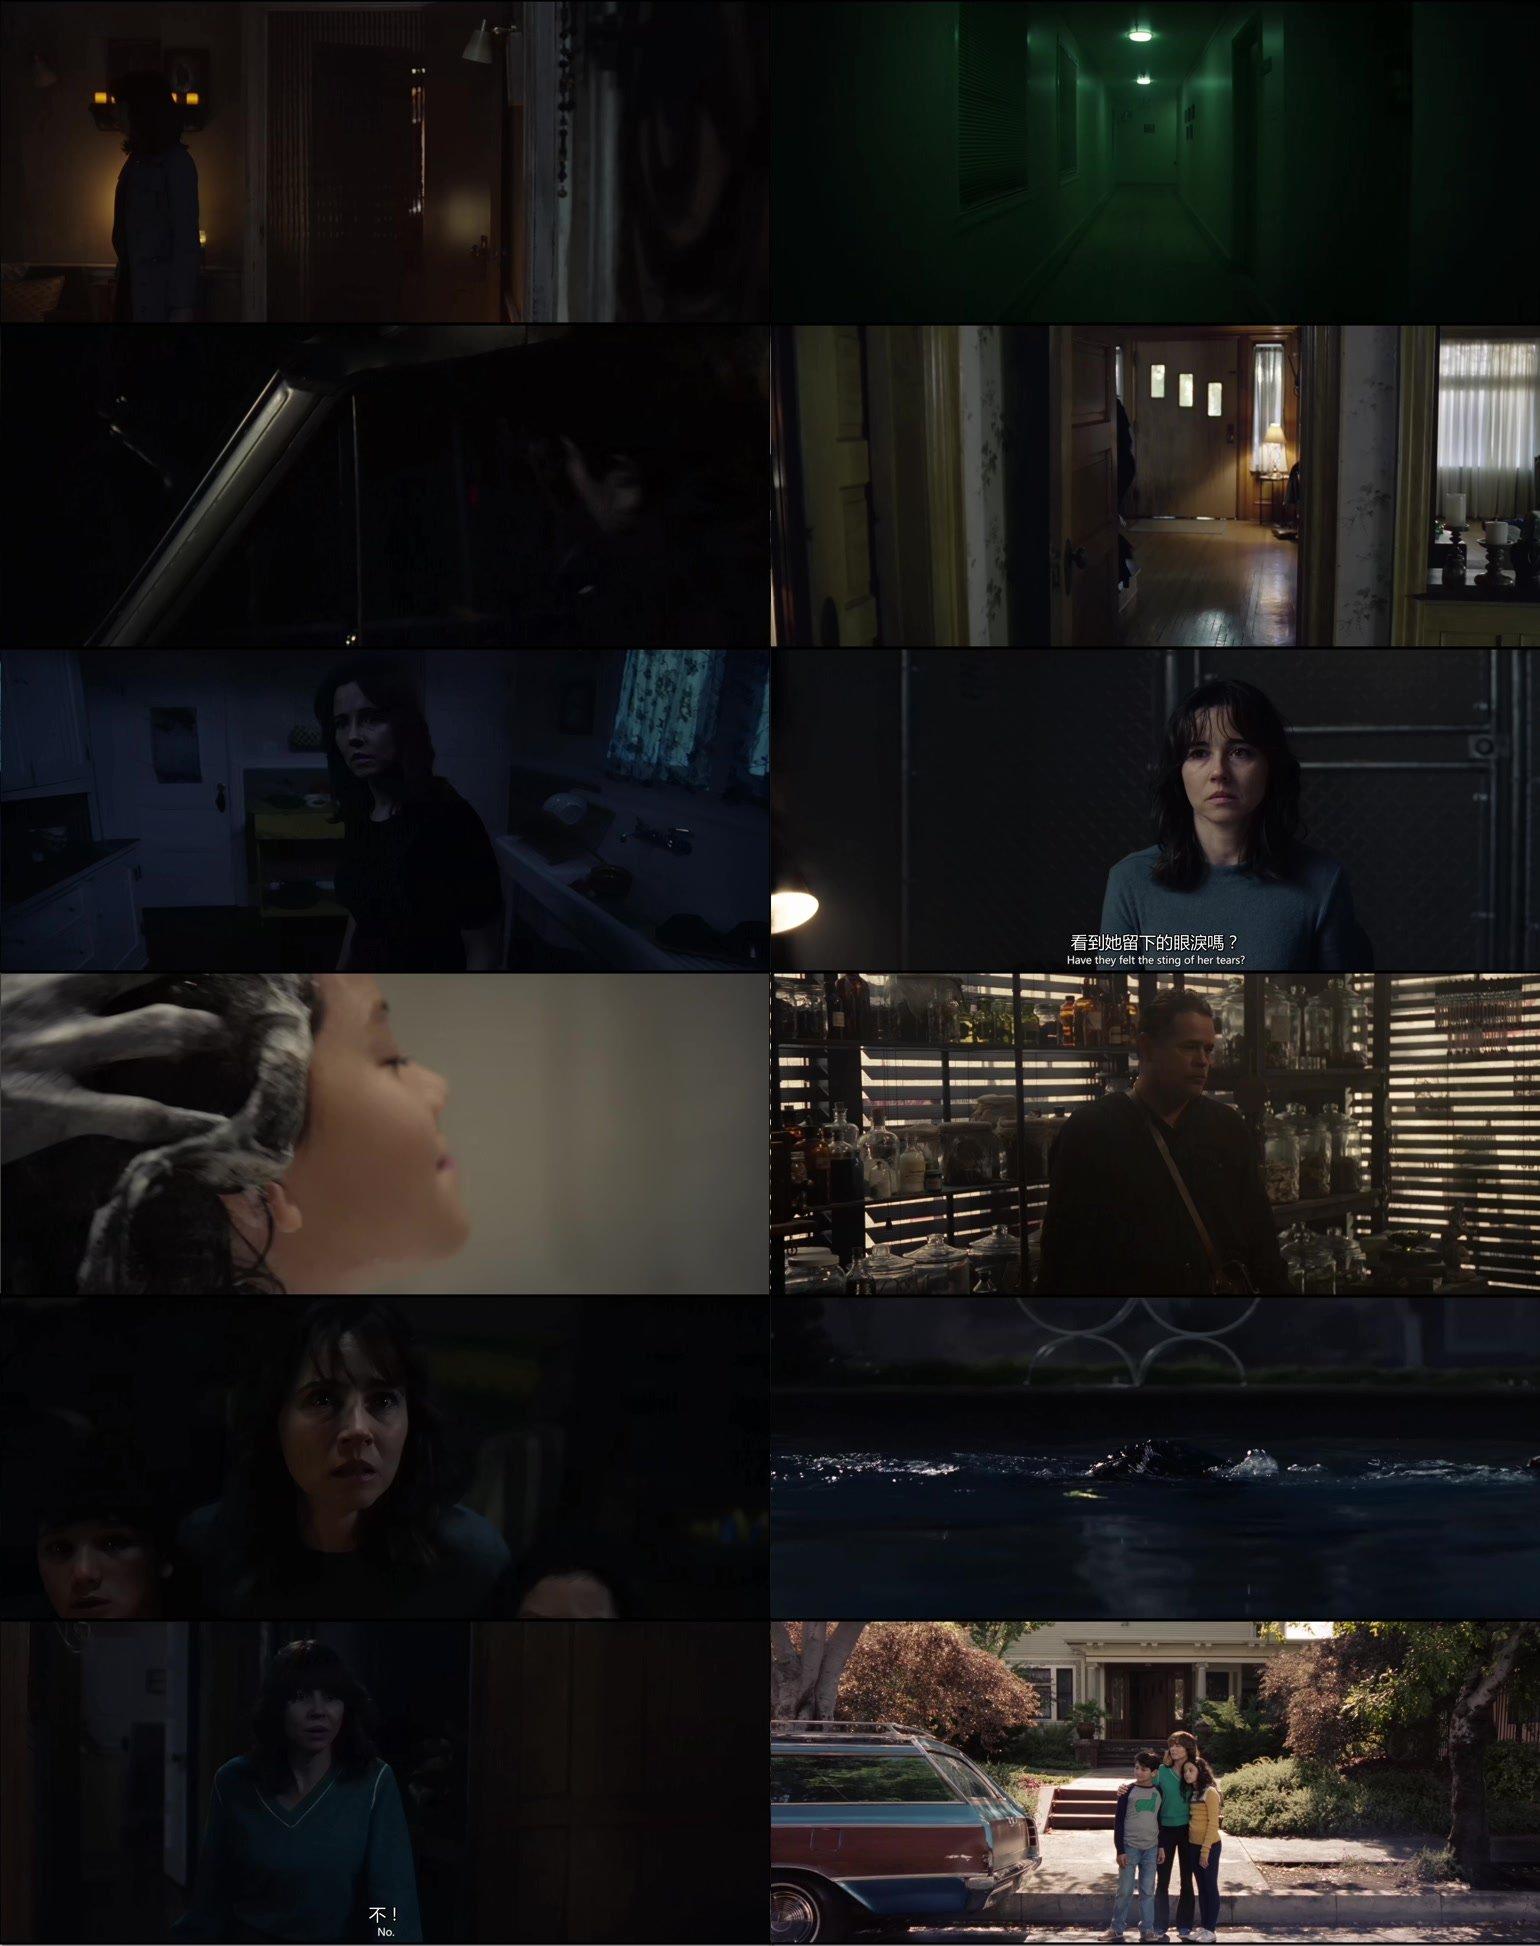 [美] 哭泣的女人/哭泣的女詭.2019.BluRay-720p/1080p[MKV@3.2G@繁簡英]